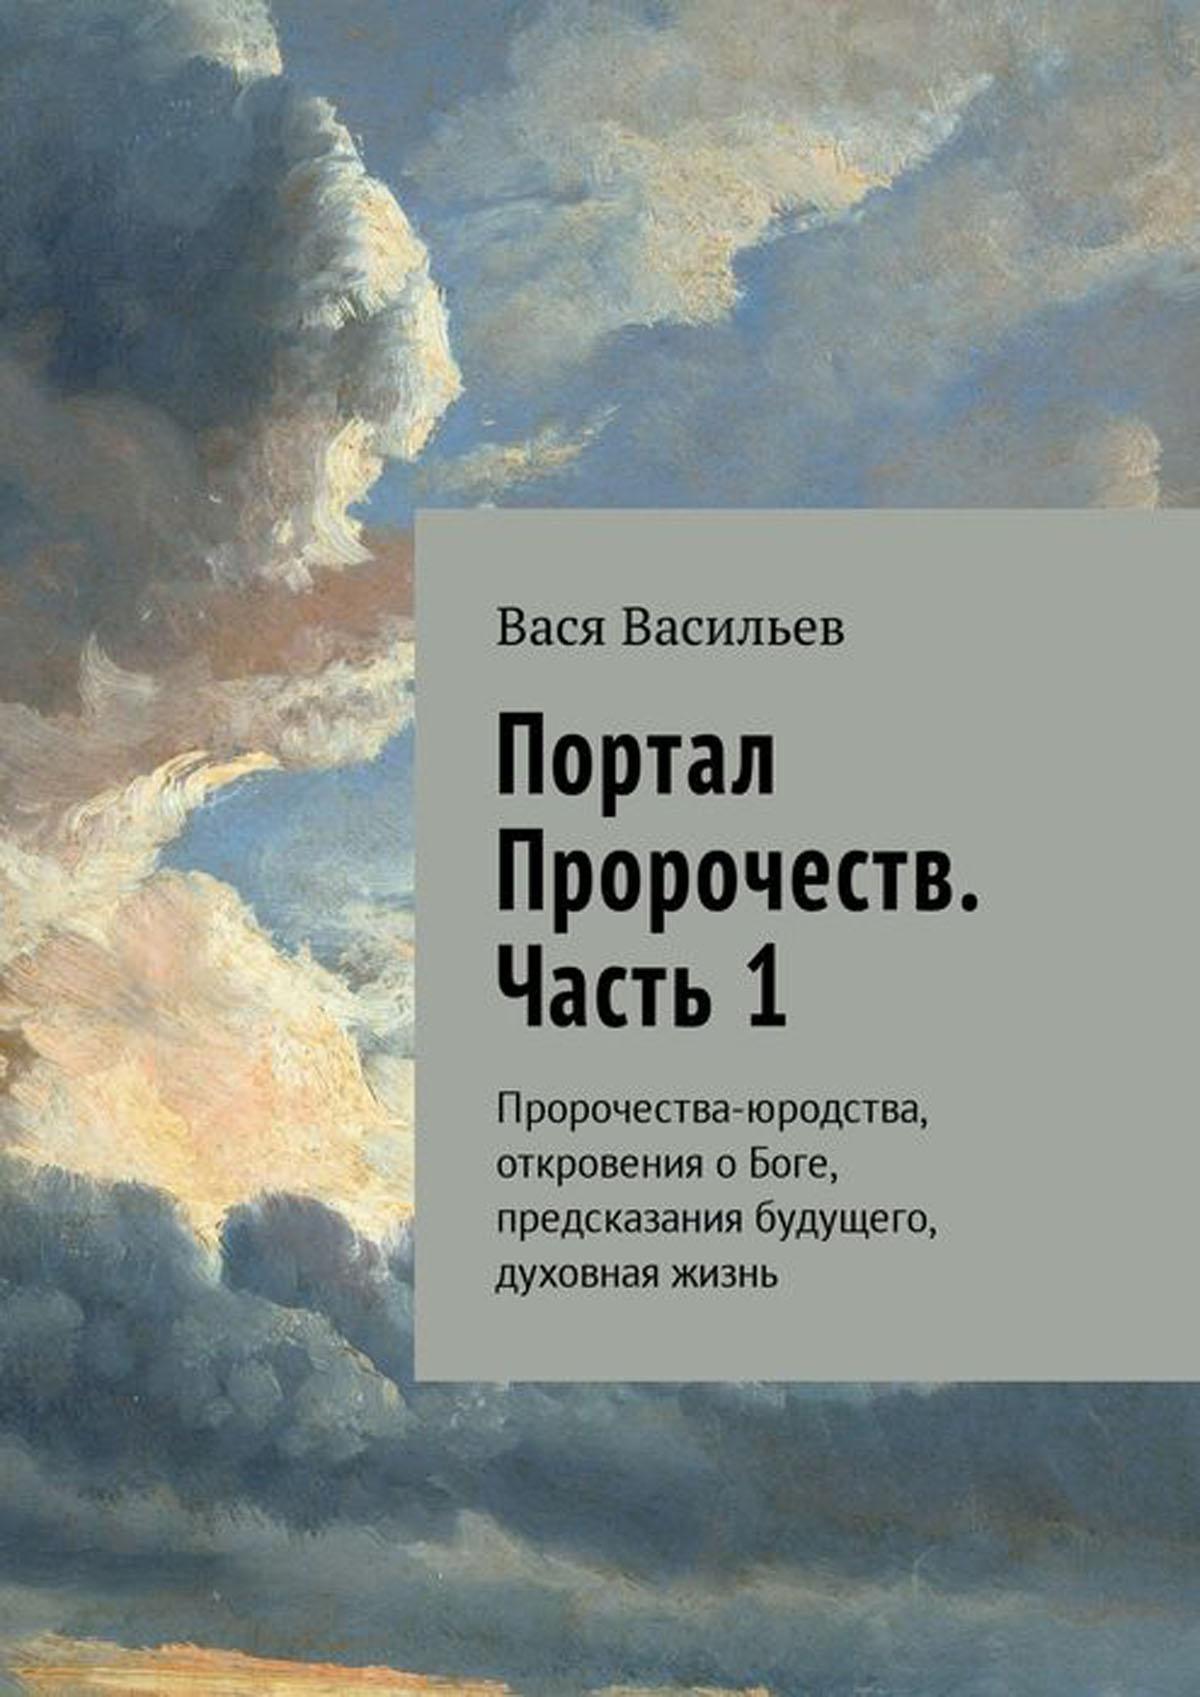 Портал Пророчеств. Часть 1. Пророчества-юродства, откровения о Боге, предсказания будущего, духовная жизнь